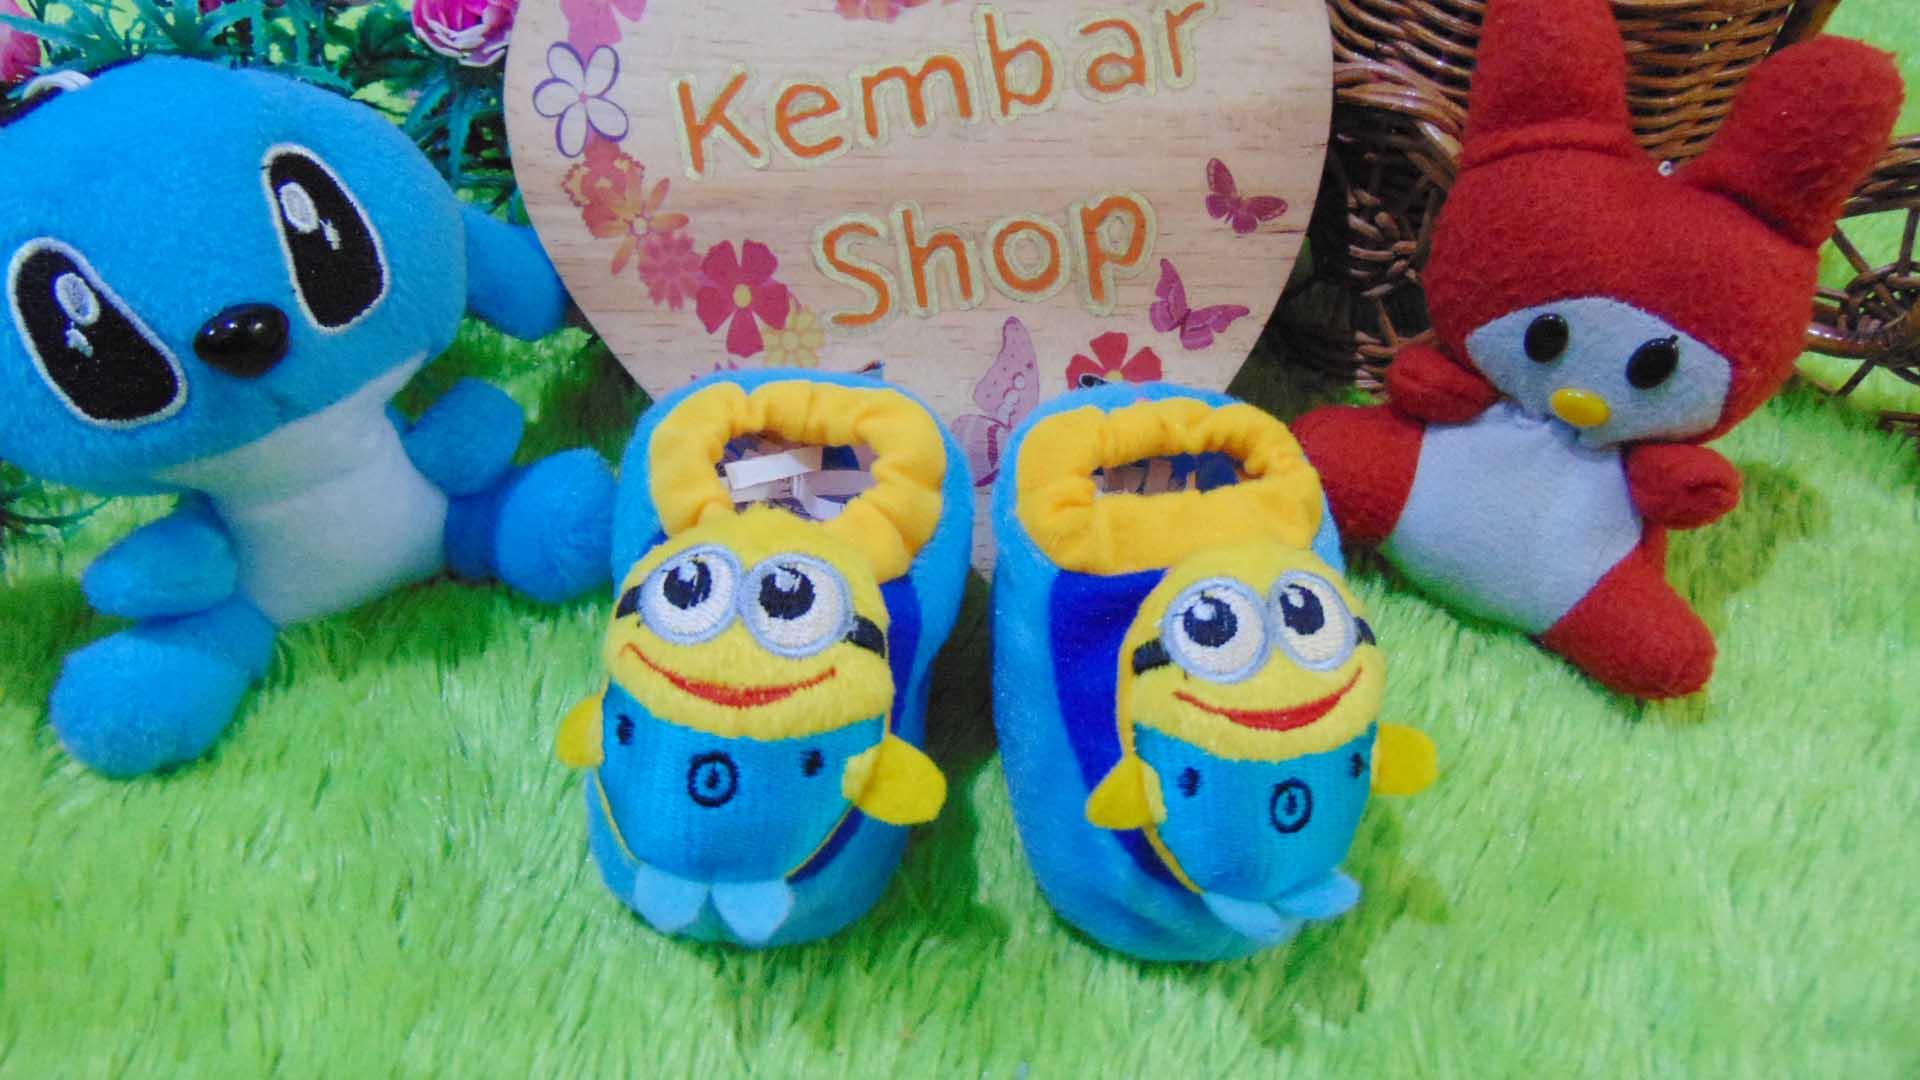 foto utama kado bayi baby gift set sepatu prewalker alas kaki newborn 0-6bulan lembut motif minnions